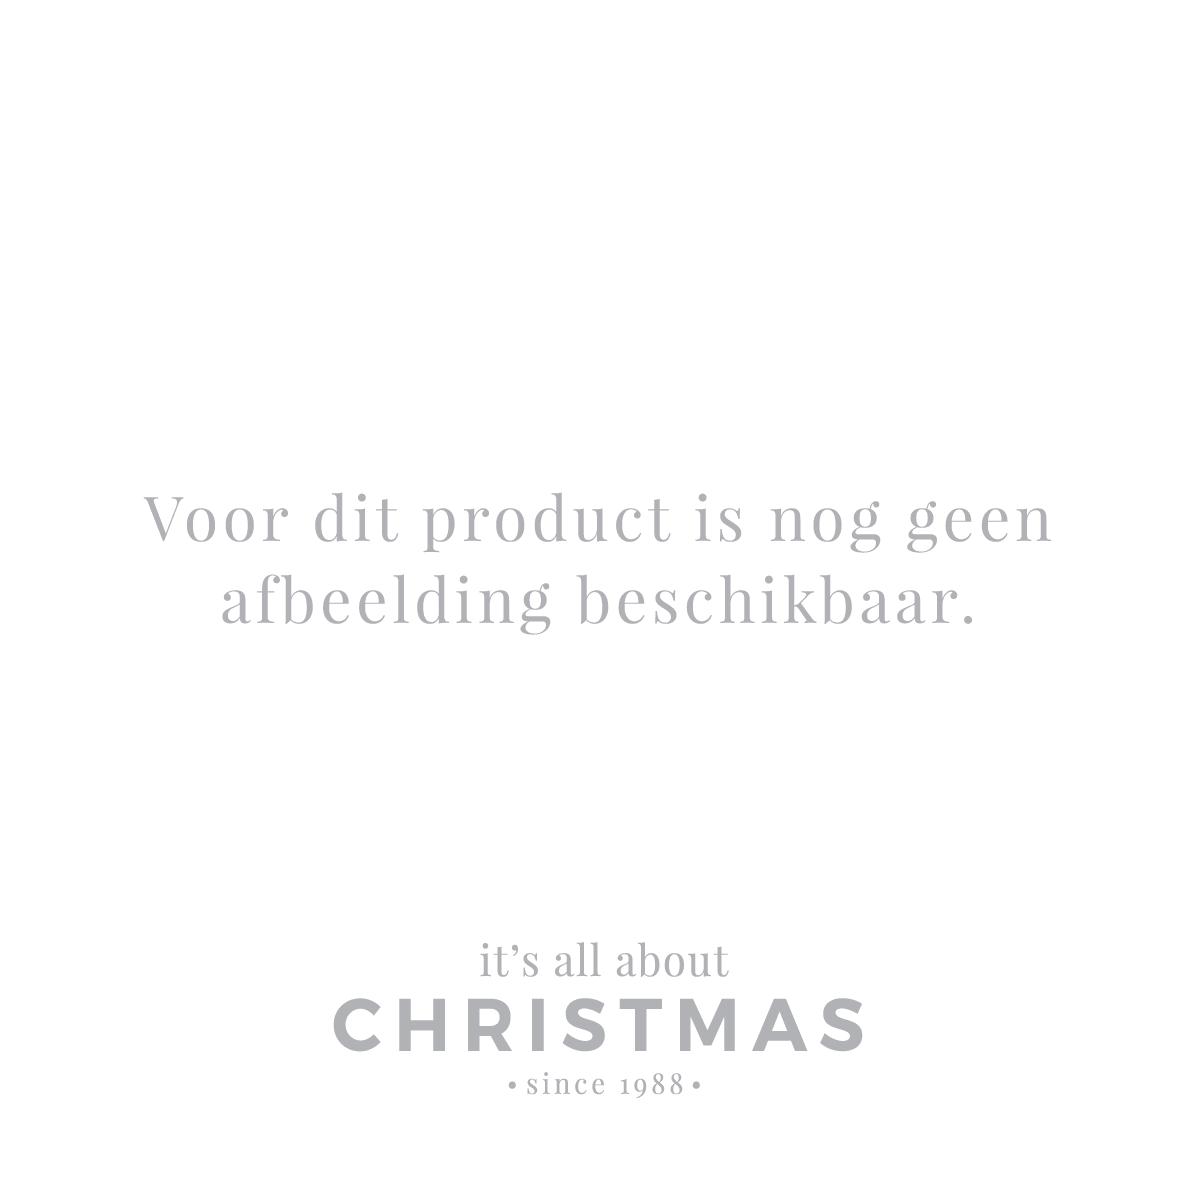 44 glazen kerstballen romantic pastels in koffer